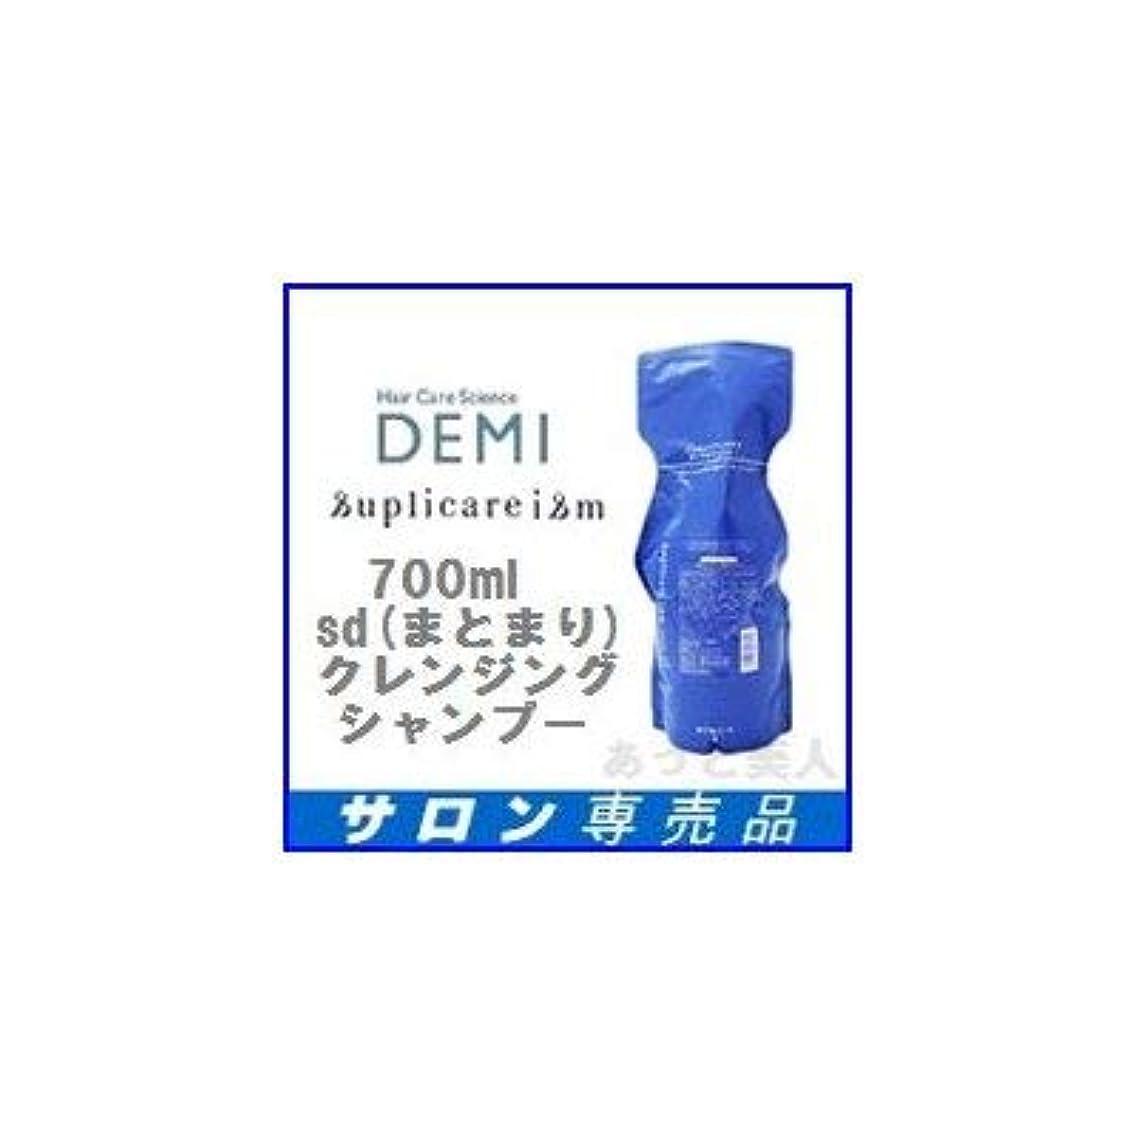 メナジェリー修正する有能なデミ サプリケアイズム クレンジング sd シャンプー 700ml (しっとり?まとまりタイプ)